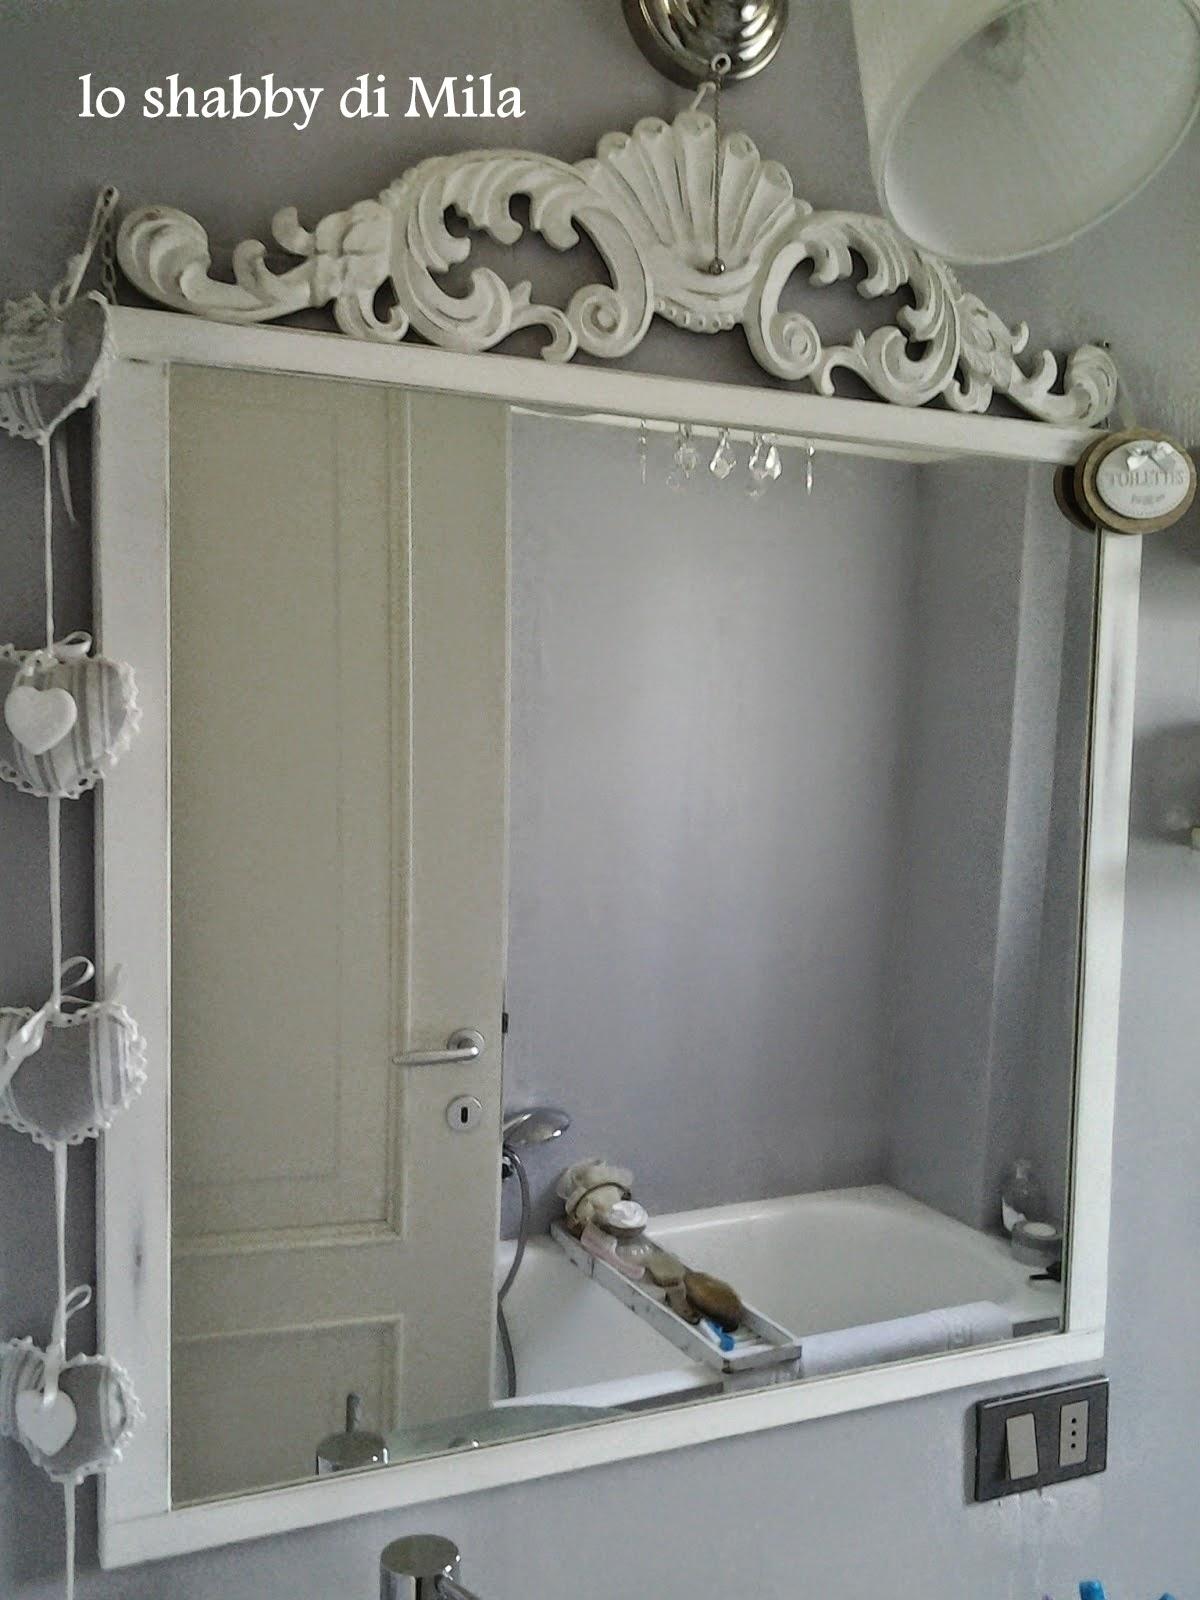 Lo shabby di mila mirrors mirrors - Lampade sopra specchio ...